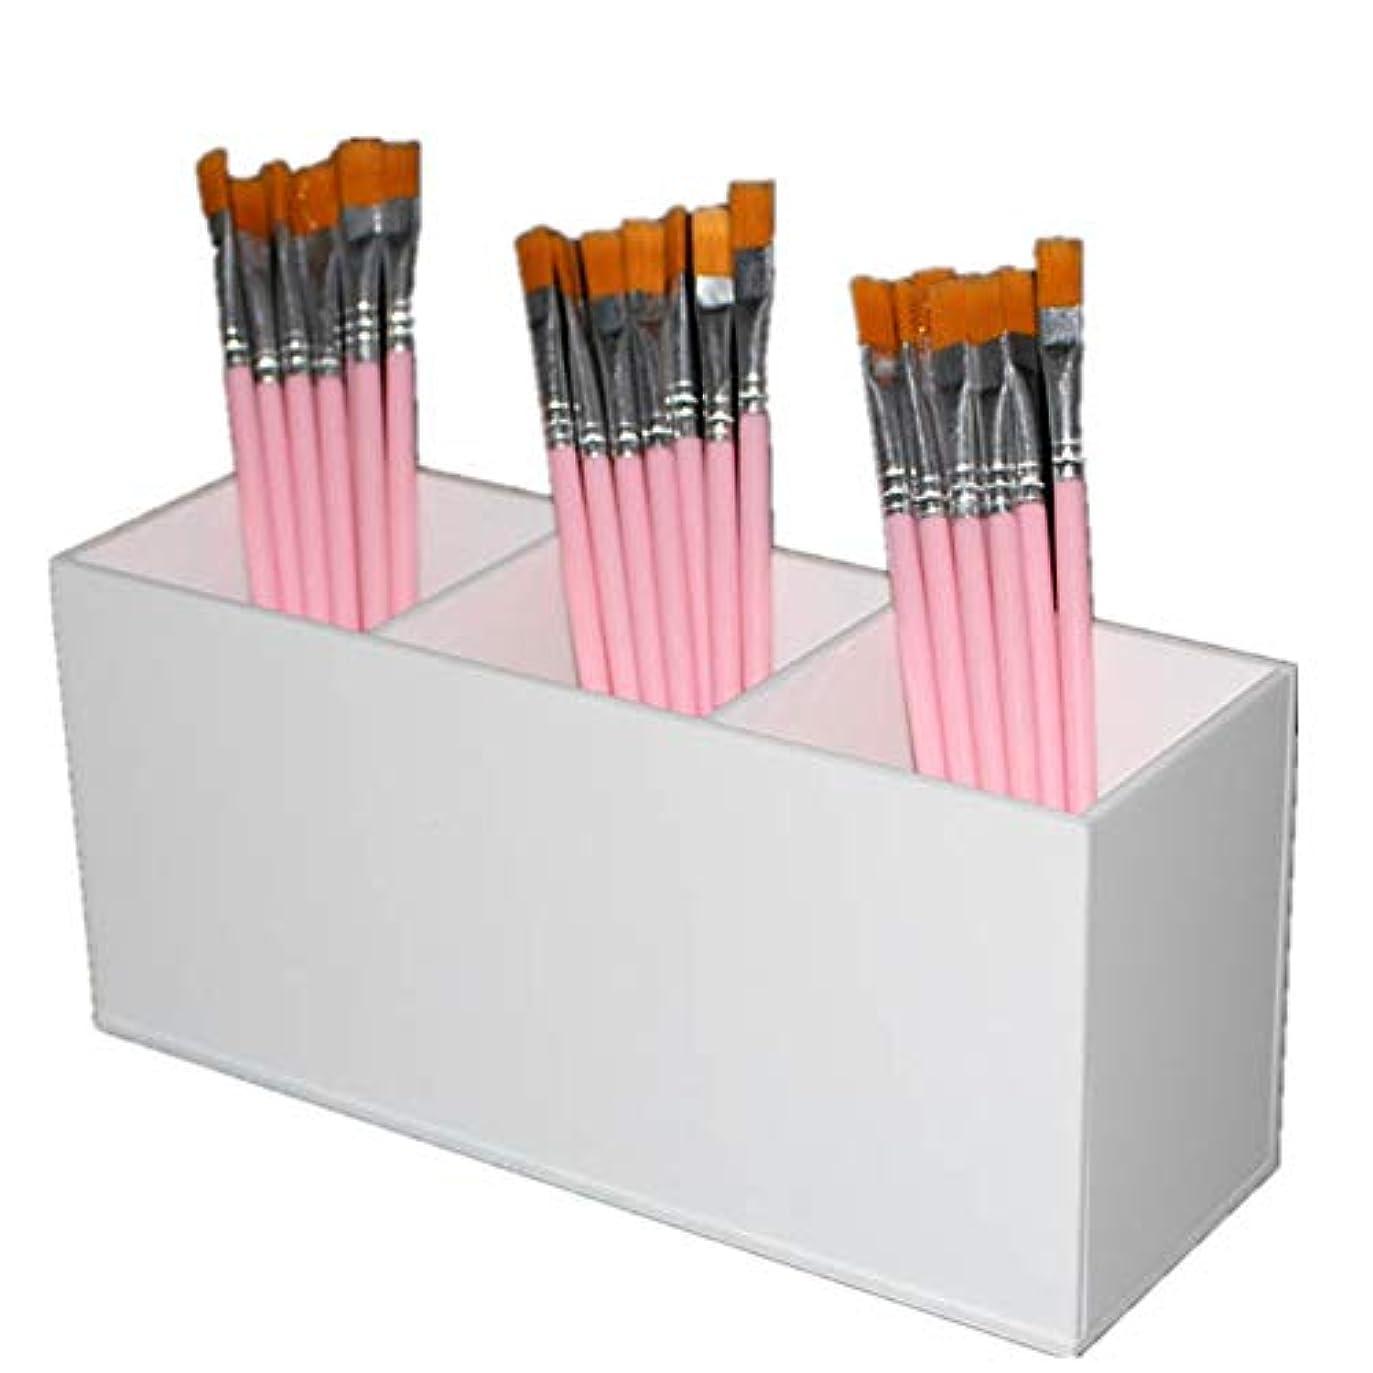 はちみつ等ウェブ整理簡単 シンプルな化粧オーガナイザーブラシホルダーホワイトアクリル散りばめたデザイン化粧オーガナイザー (Color : White, Size : 20*6.5*9CM)